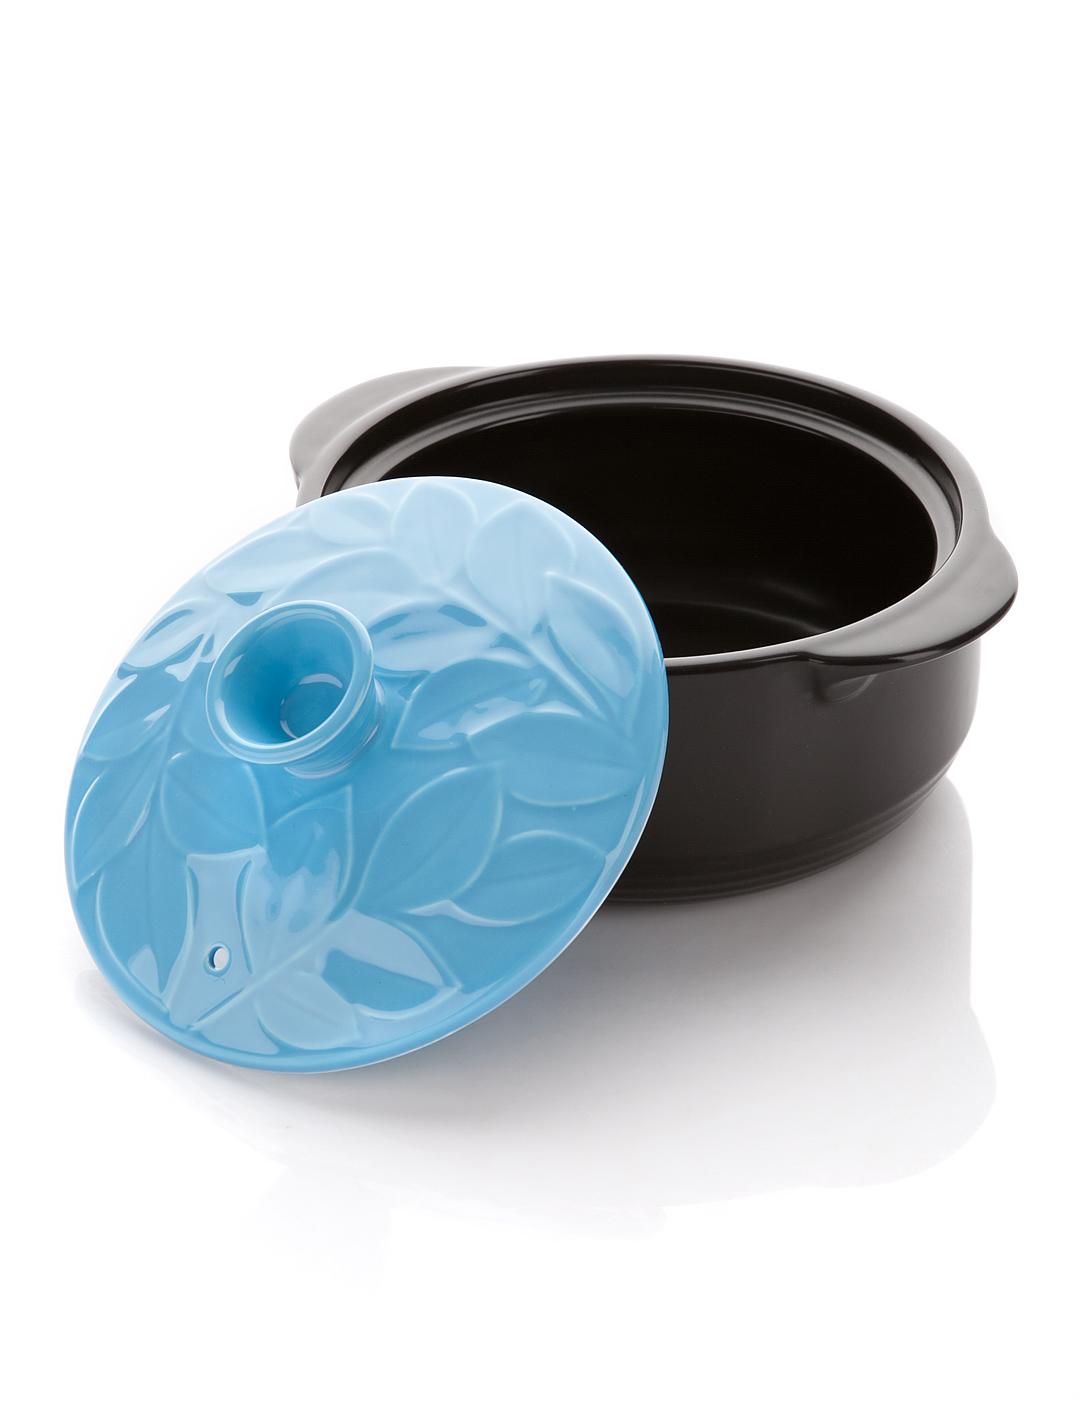 Кастрюля керамическая Hans & Gretchen с крышкой, цвет: голубой, 1,6 л68/5/2Кастрюля Hans & Gretchen изготовлена из экологически чистой жаропрочной керамики. Керамическая крышка кастрюли оснащена отверстием для выпуска пара. Кастрюля равномерно нагревает блюдо, долго сохраняя тепло и не выделяя абсолютно никаких примесей в пищу. Кастрюля не искажает, а даже усиливает вкус пищи. Крышка изделия оформлена рельефным изображением листьев. Превосходно служит для замораживания продуктов в холодильнике (до -20°С). Кастрюля устойчива к химическим и механическим воздействиям. Благодаря толстым стенкам изделие нагревается равномерно.Кастрюля Hans & Gretchen прекрасно подойдет для запекания и тушения овощей, мяса и других блюд, а оригинальный дизайн и яркое оформление украсят ваш стол.Можно мыть в посудомоечной машине. Кастрюля предназначена для использования на газовой и электрической плитах, в духовке и микроволновой печи. Не подходит для индукционных плит. Высота стенки: 8,5 см.Ширина кастрюли (с учетом ручек): 23 см.Толщина дна: 5 мм.Толщина стенки: 5 мм.